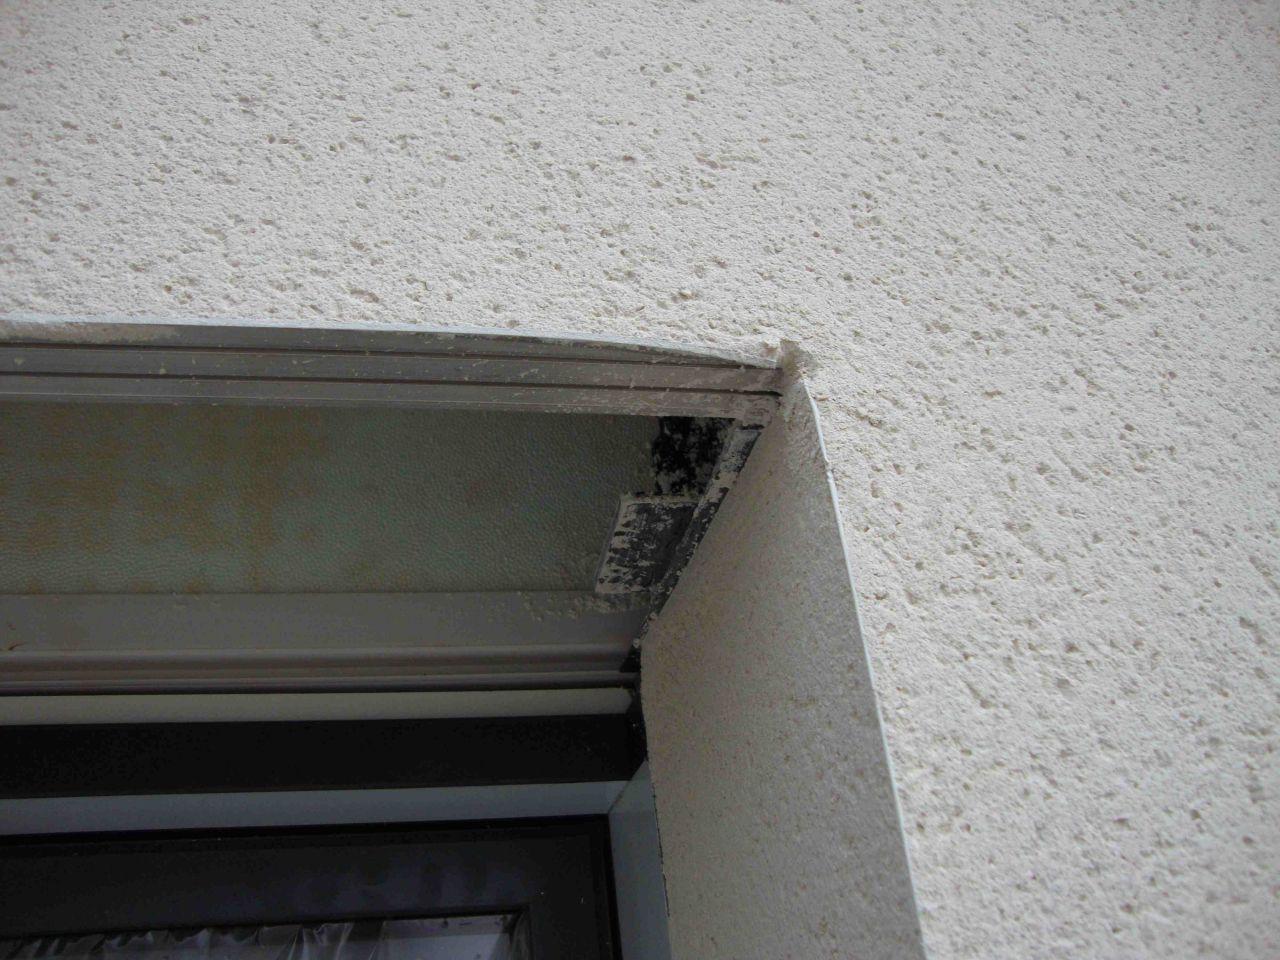 Bavures et baguette écrasée sur fenêtre salle de bain